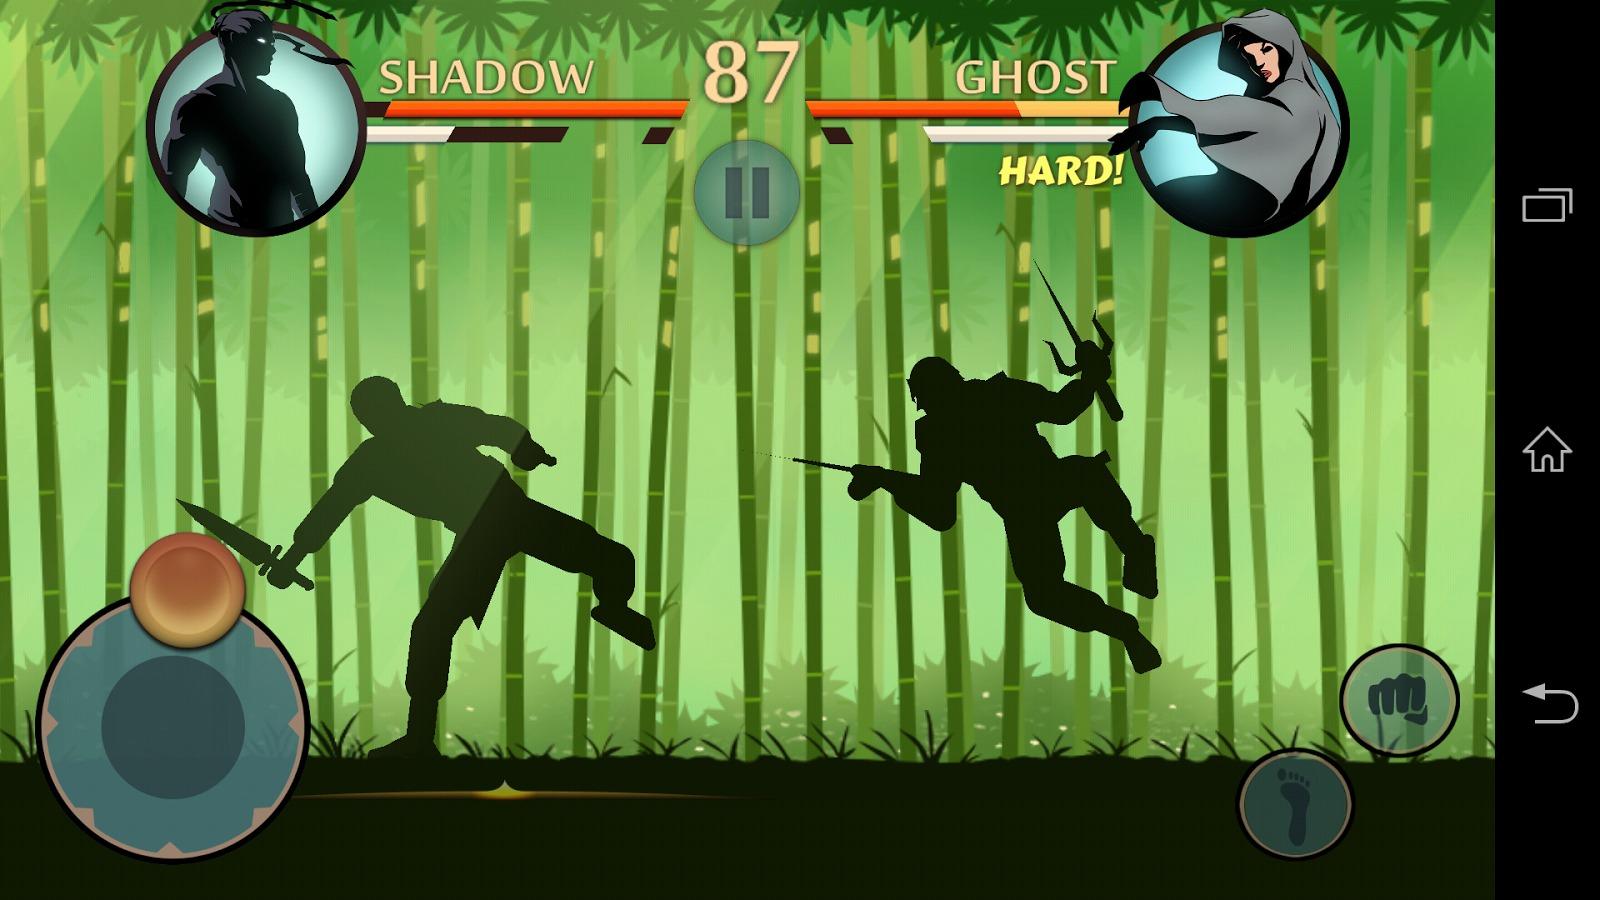 Shadow Fight 2 Review (Evolio Quattro 3G): În sfârșit un joc cu bătăi atractiv pe Android, bazat pe siluete fluide (Video)